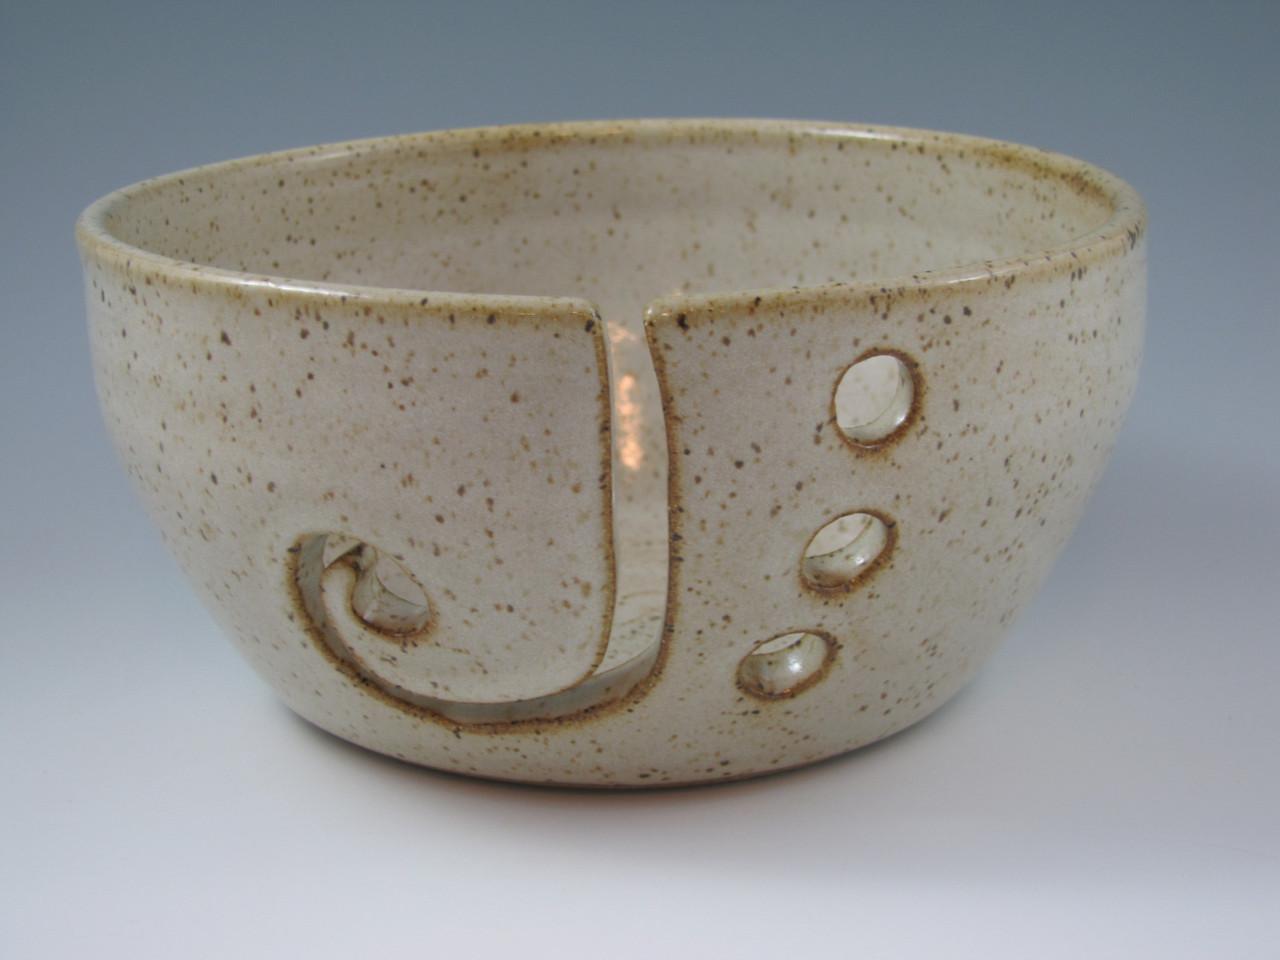 Yarn Bowl in Vanilla Spice